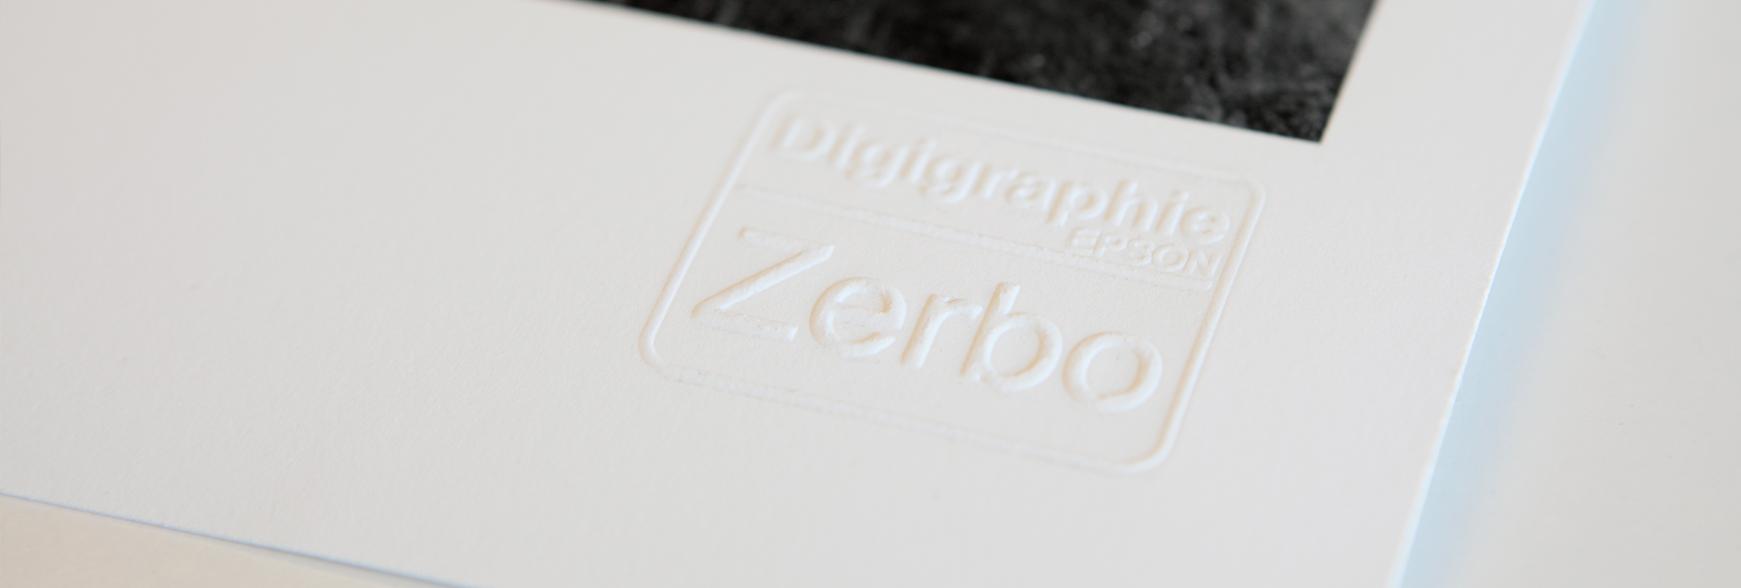 laboratorio fotografico professionale di roma stampa inkjet al plotter